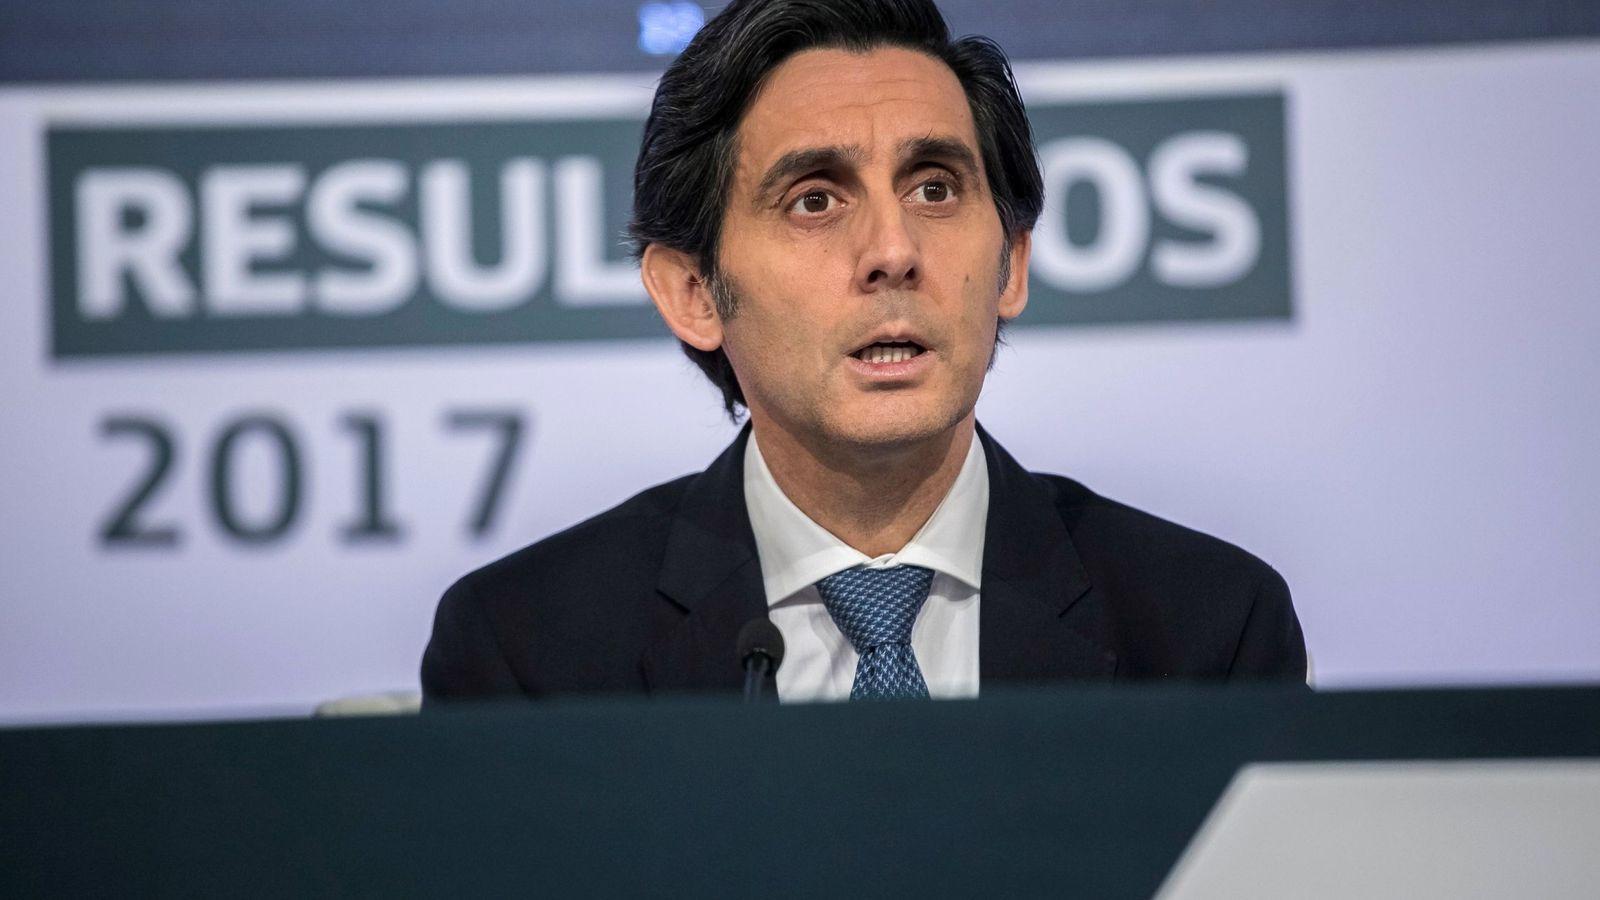 Foto: José María Álvarez-Pallete, presidente de Telefónica (Efe)